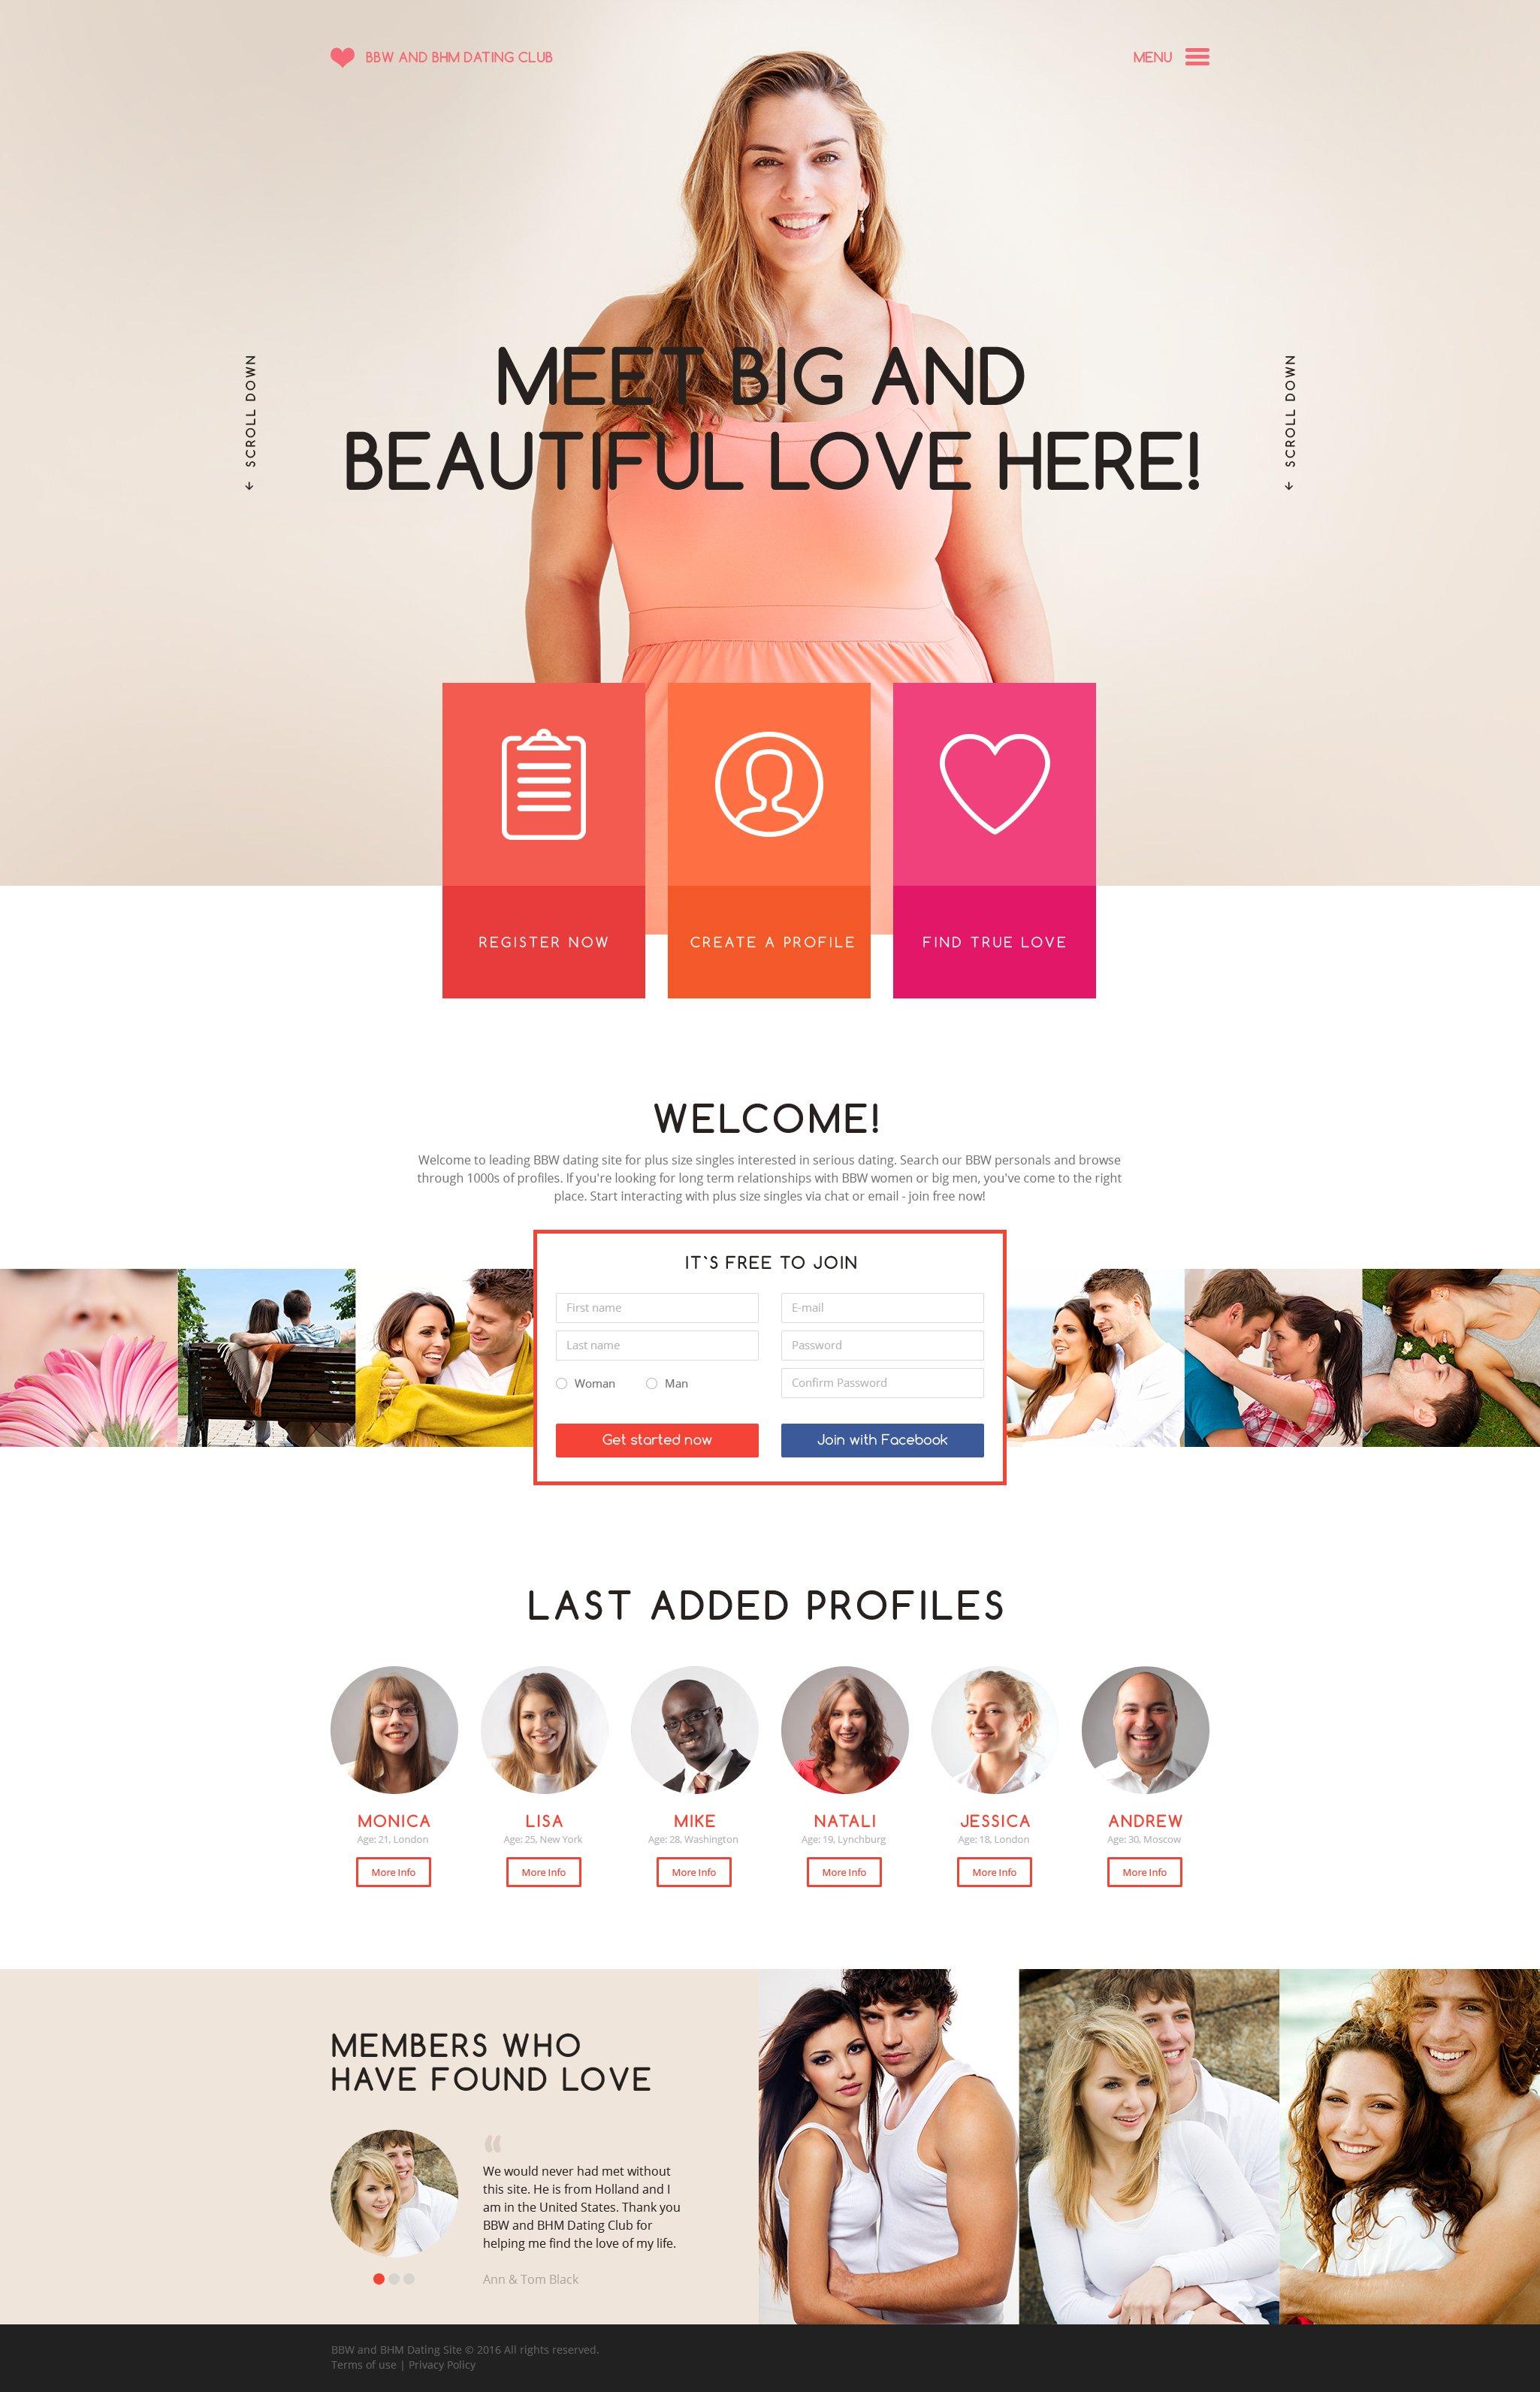 Адаптивний Шаблон сайту на тему знайомства №58784 - скріншот